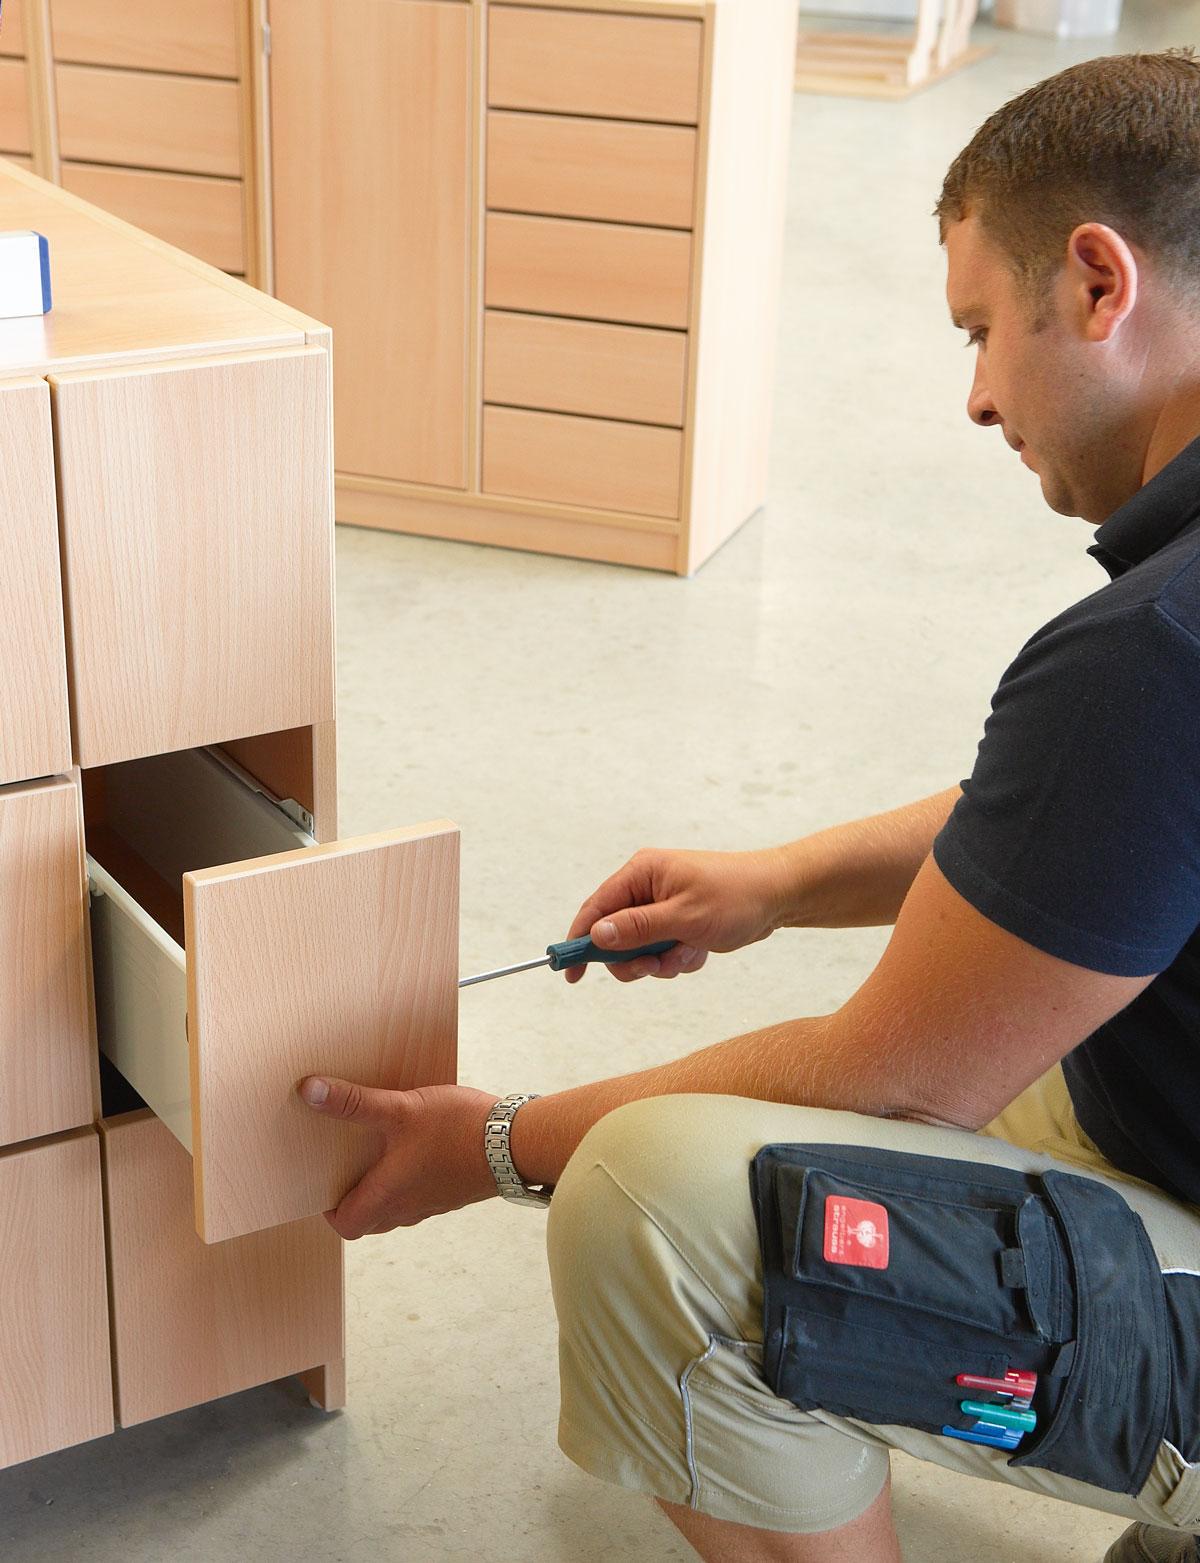 aurednik gmbh alles f r kindergarten krippe hort und schule qualit t ab werk. Black Bedroom Furniture Sets. Home Design Ideas